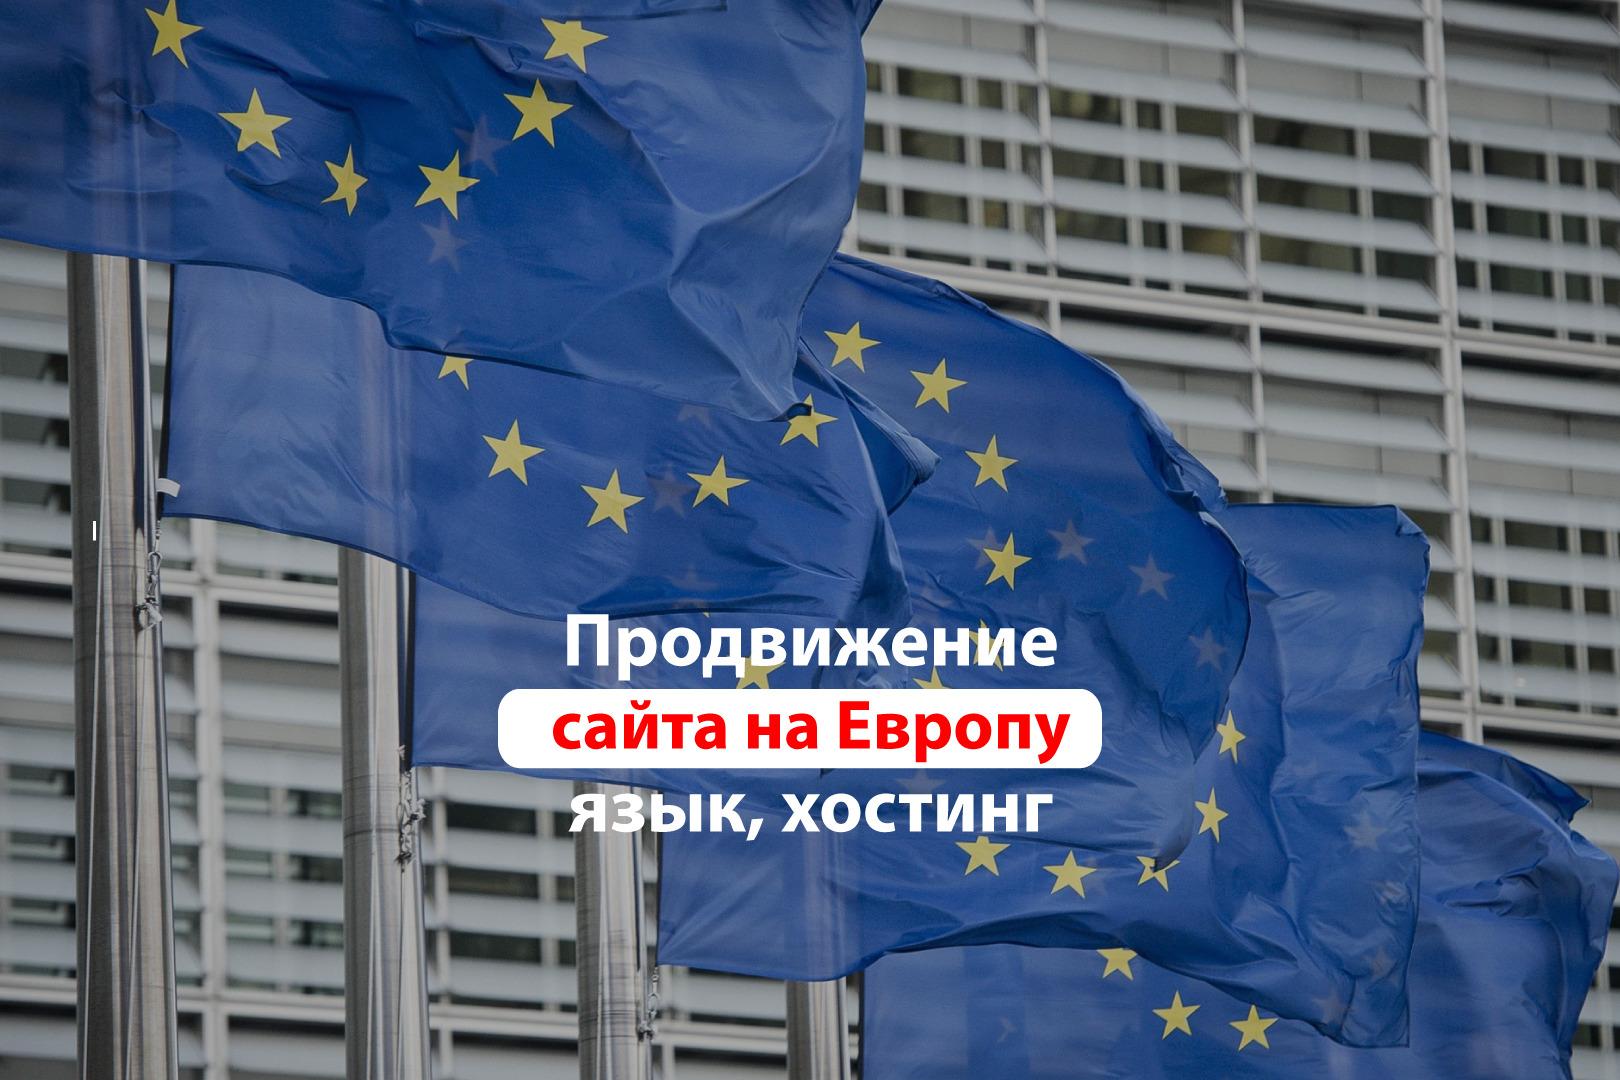 Продвижение сайта в Европе — перевод сайта и SEO